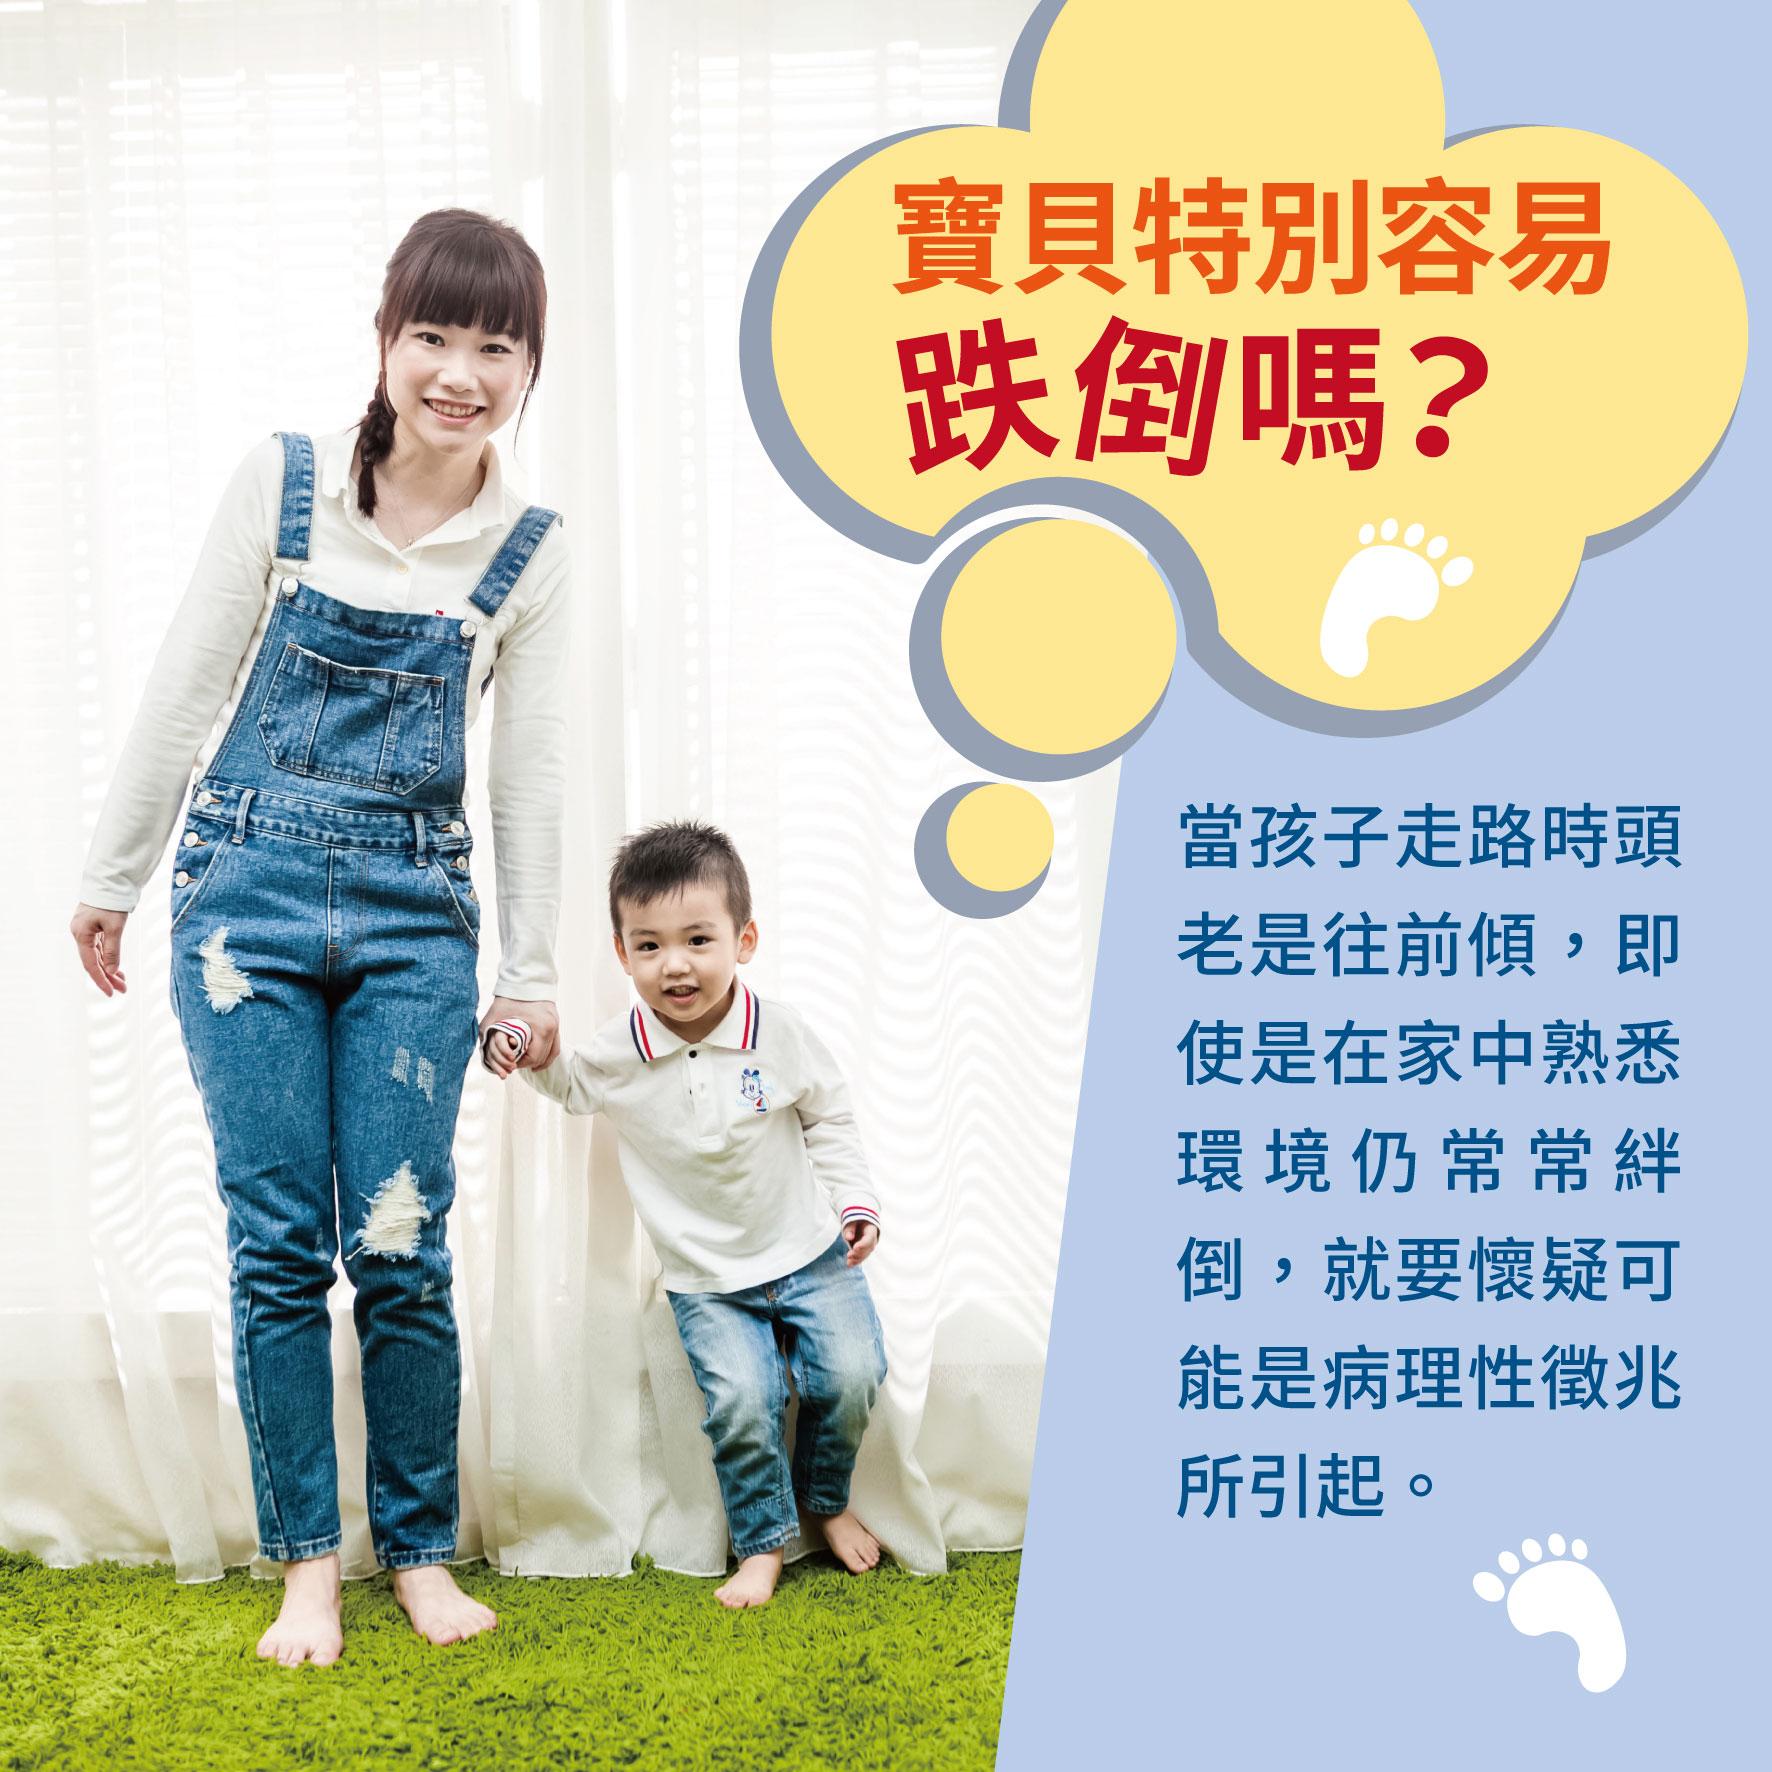 幼兒4歲(第40週)寶貝特別容易跌倒嗎?